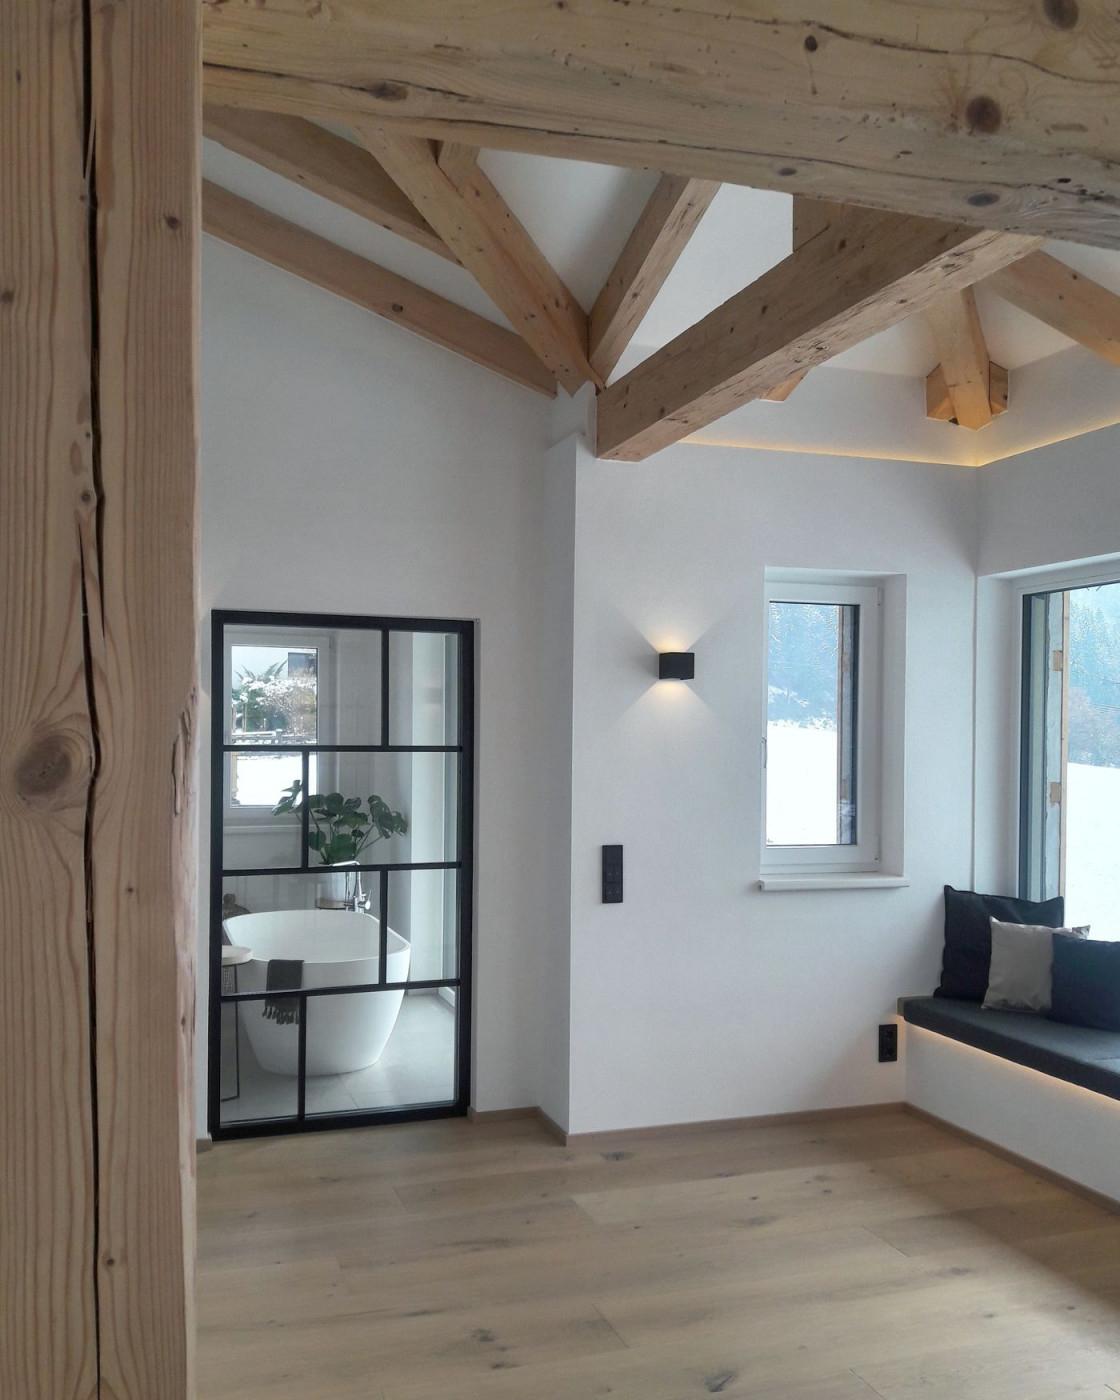 Ideen Für Deine Wohnung Im Dachgeschoss Mit Dachschrägen von Dachgeschoss Wohnzimmer Ideen Photo